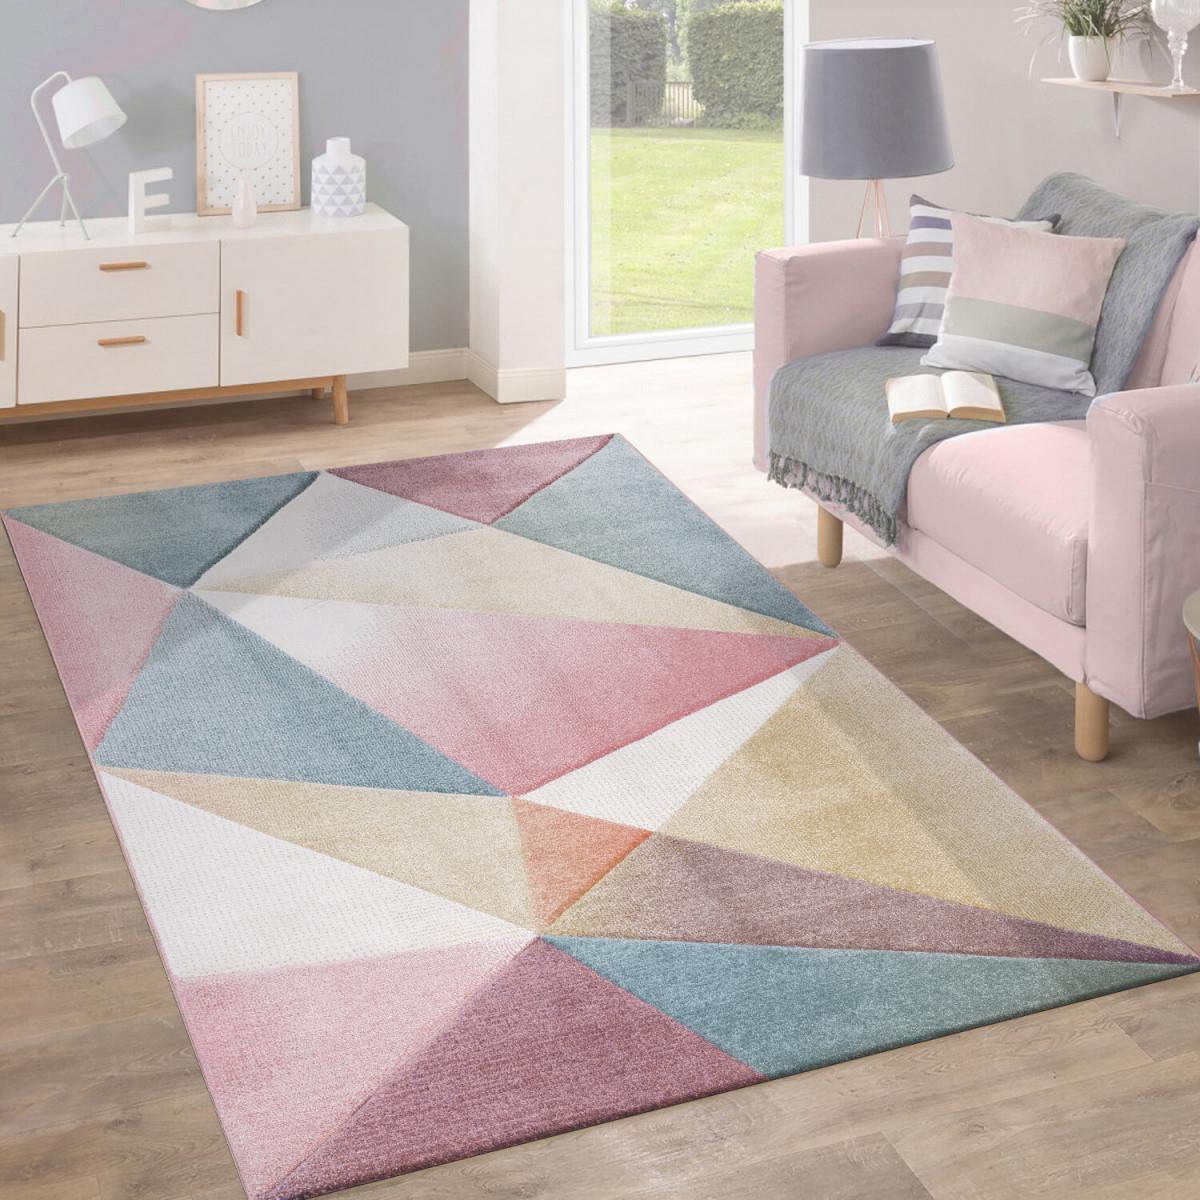 Hashtag Home Teppich May In Rosablau  Bewertungen  Wayfair von Wohnzimmer Teppich Grau Rosa Bild